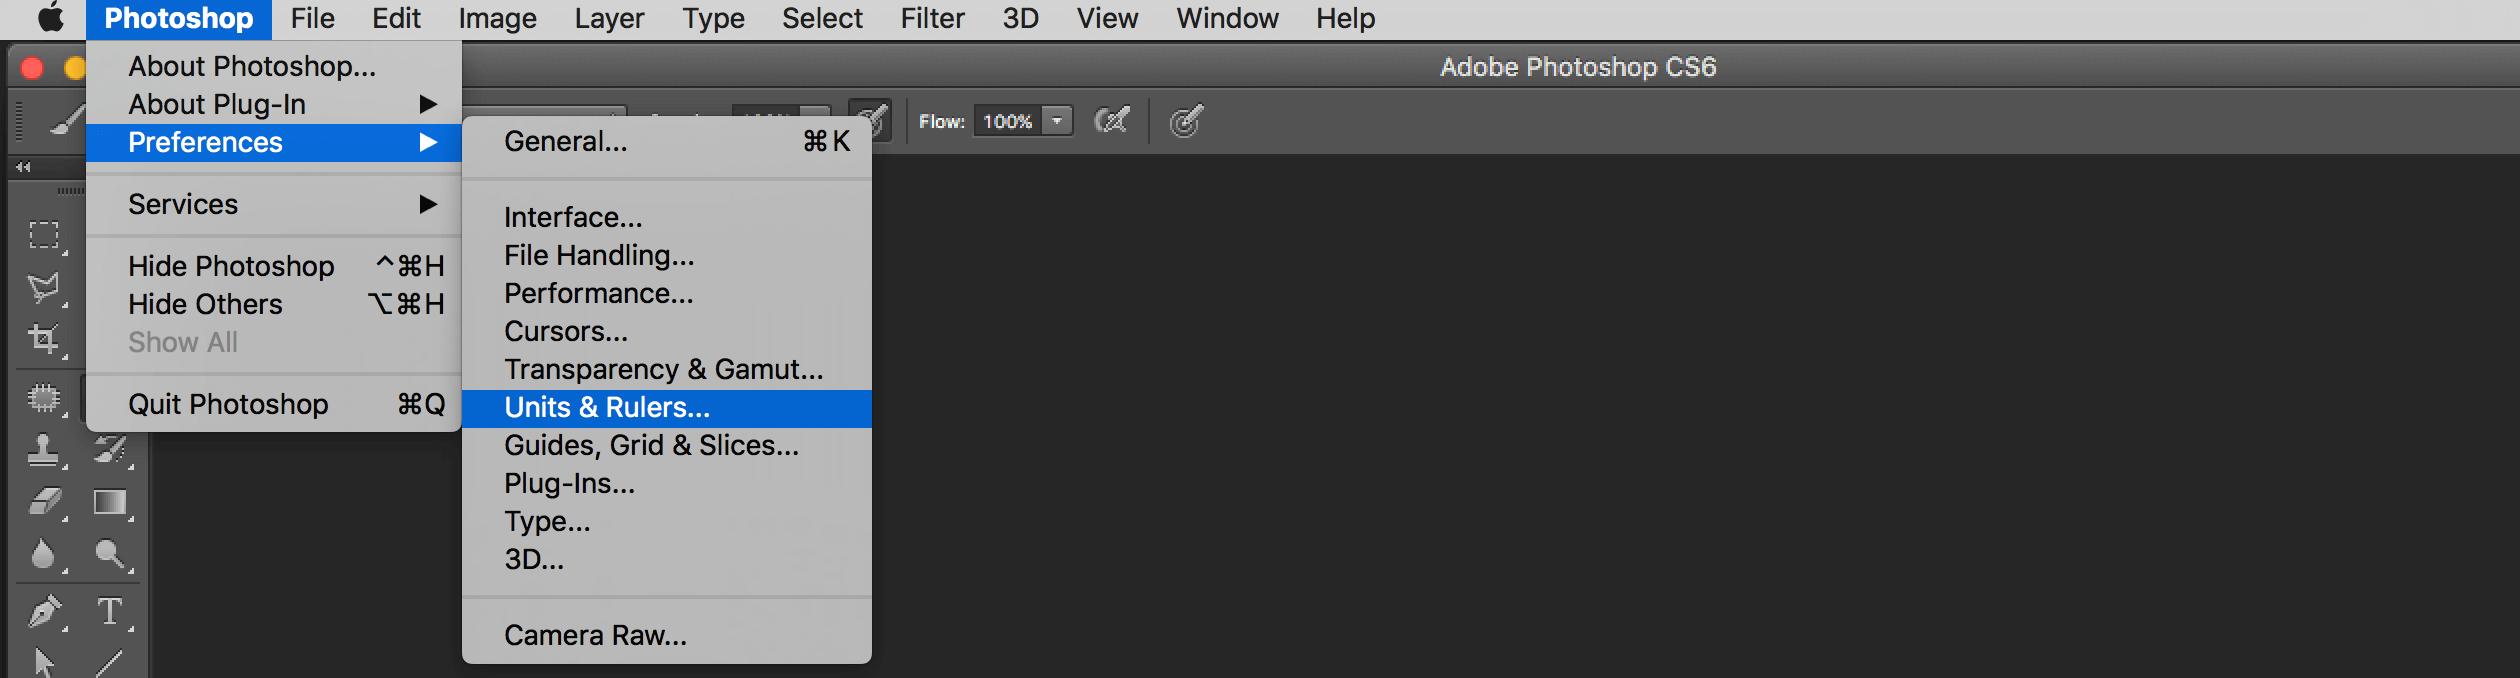 come trovare dimensioni effettive di stampa di un'immagine in photoshop